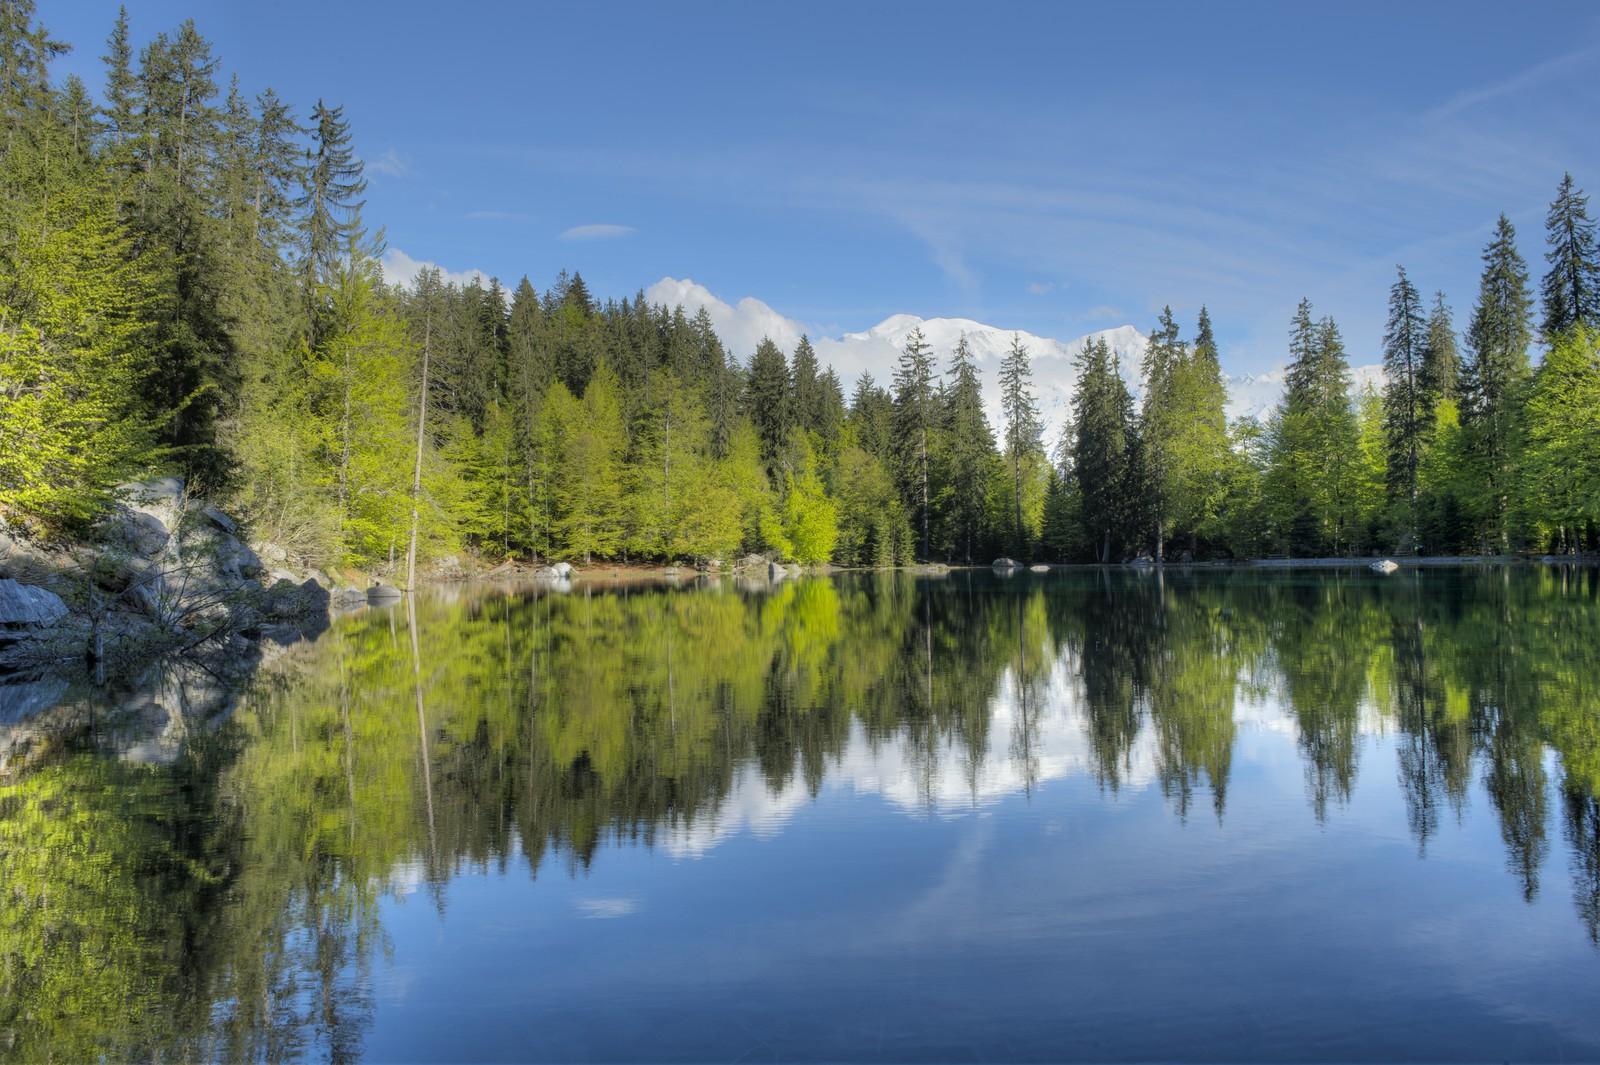 Randonnée autour d'un lac avec vue sur le Mont Blanc